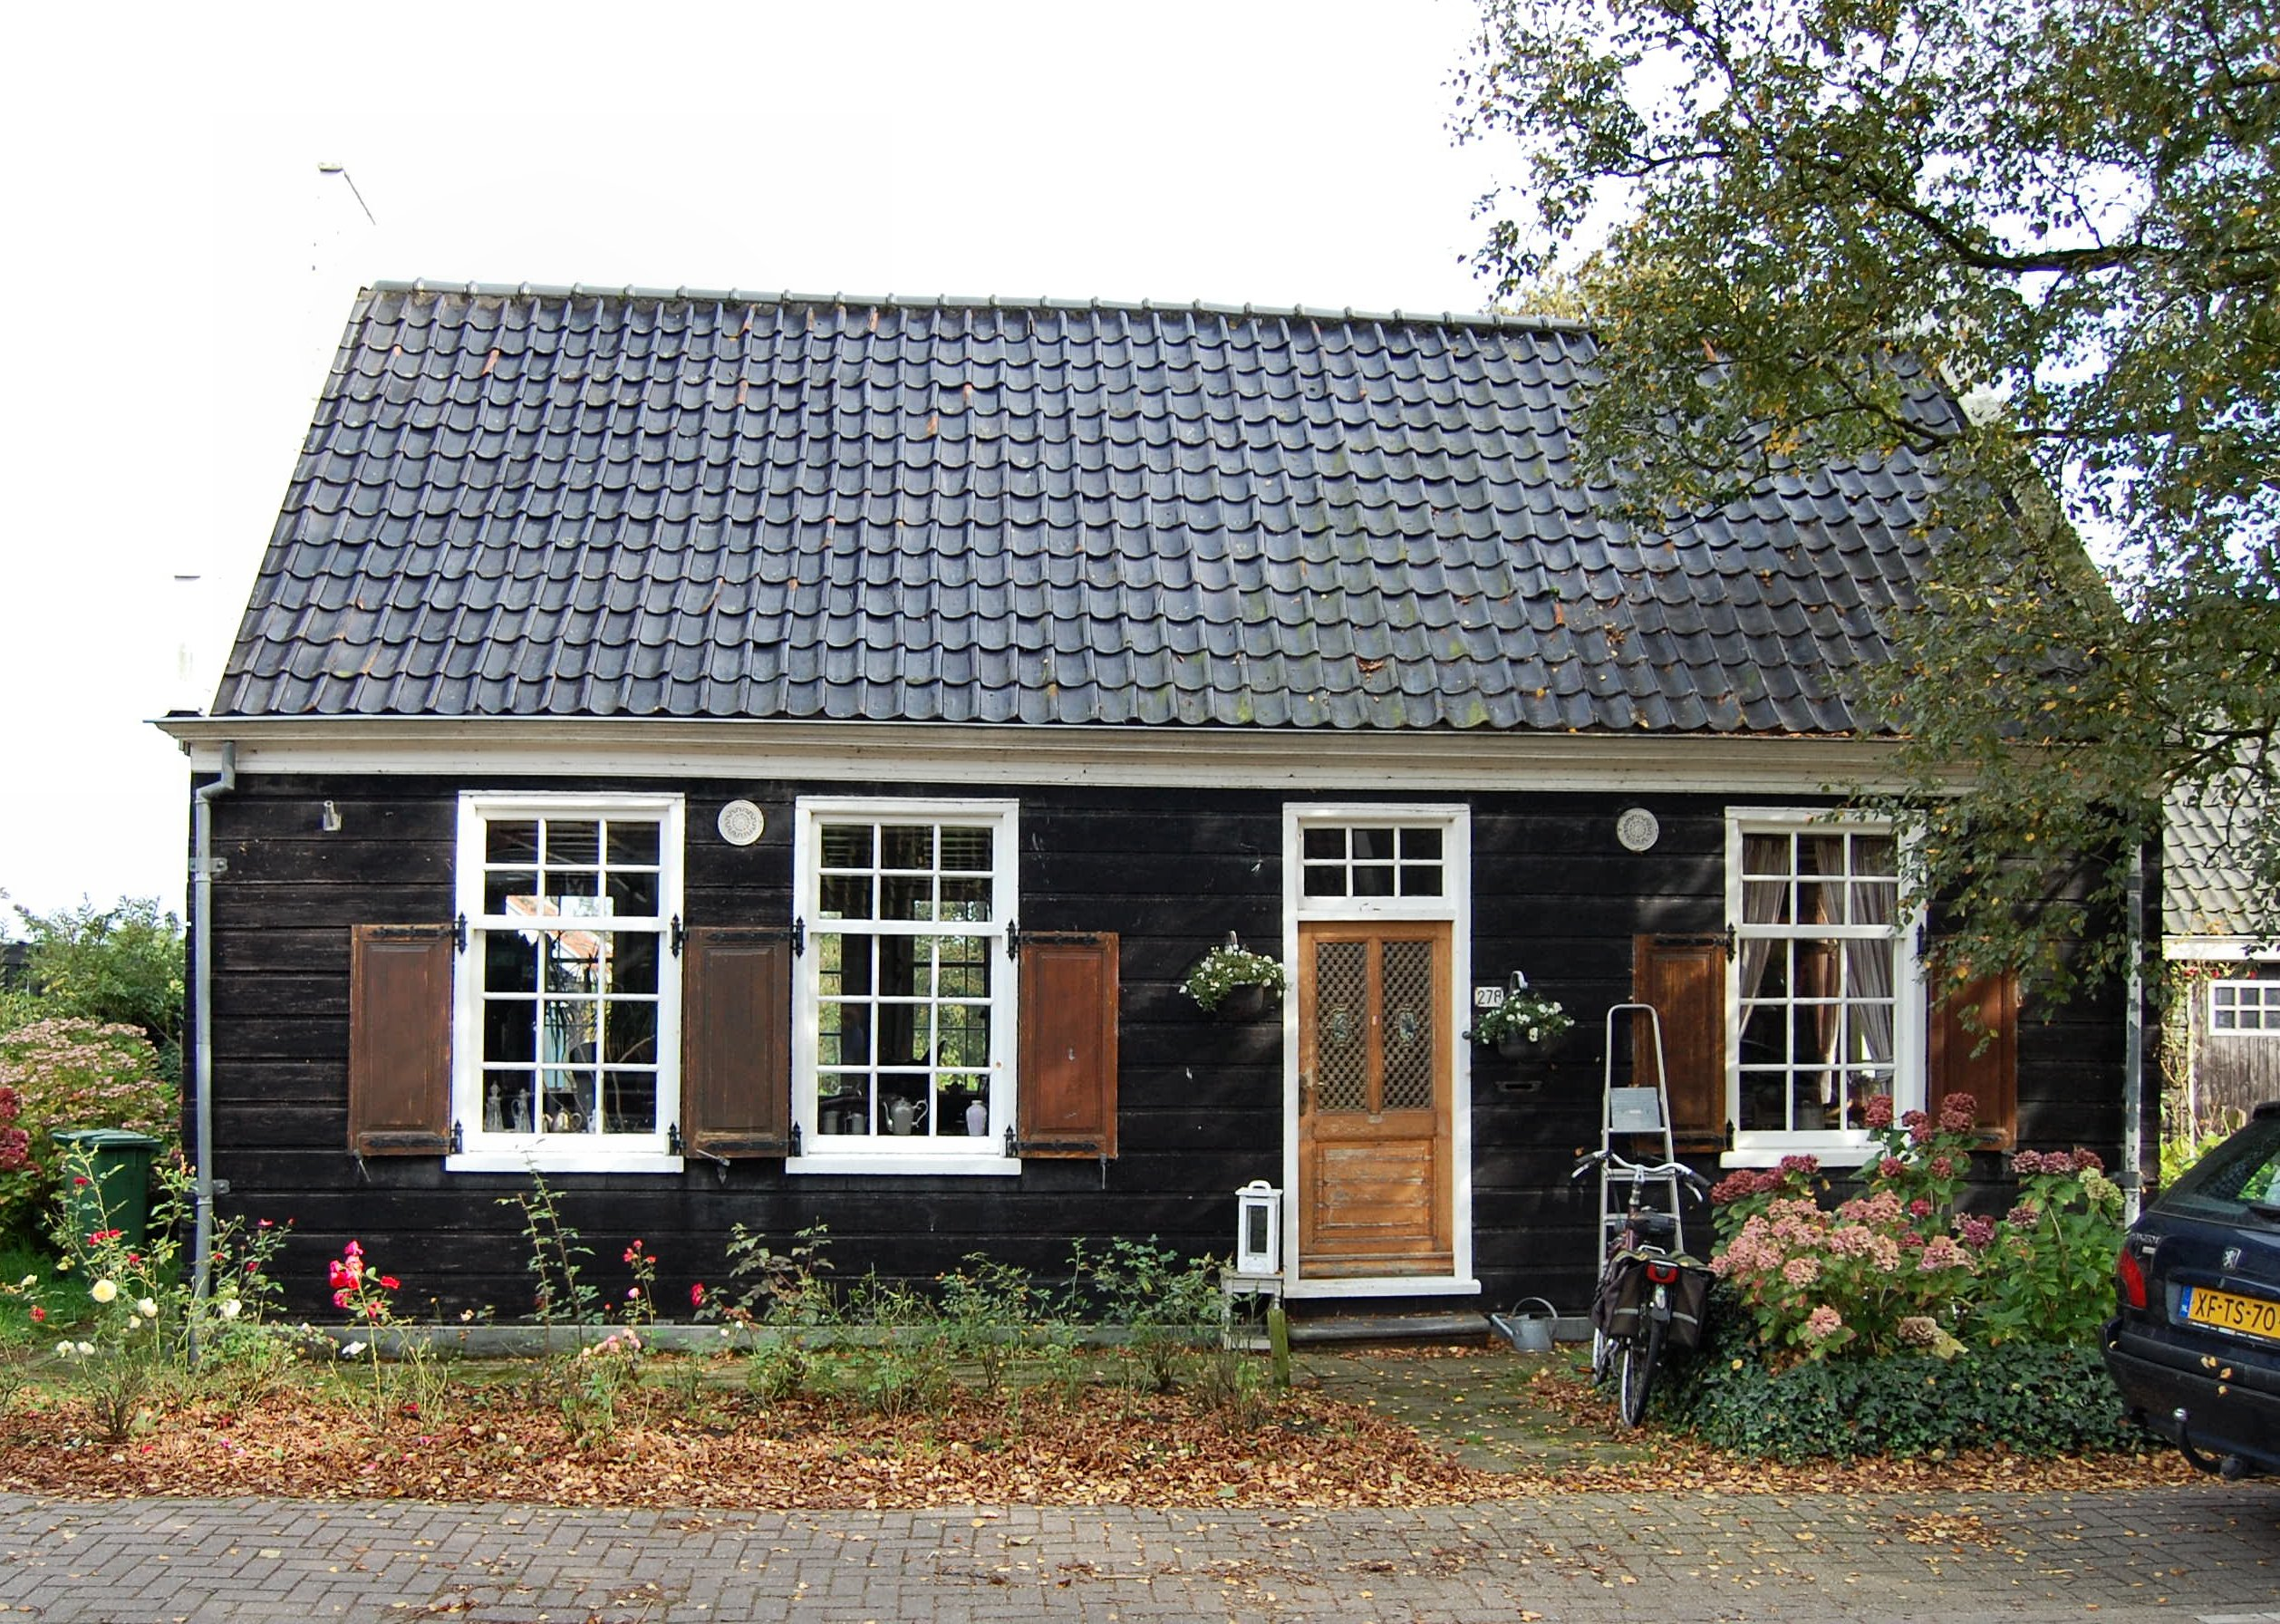 Houten huis in westzaan monument - Houten huis ...